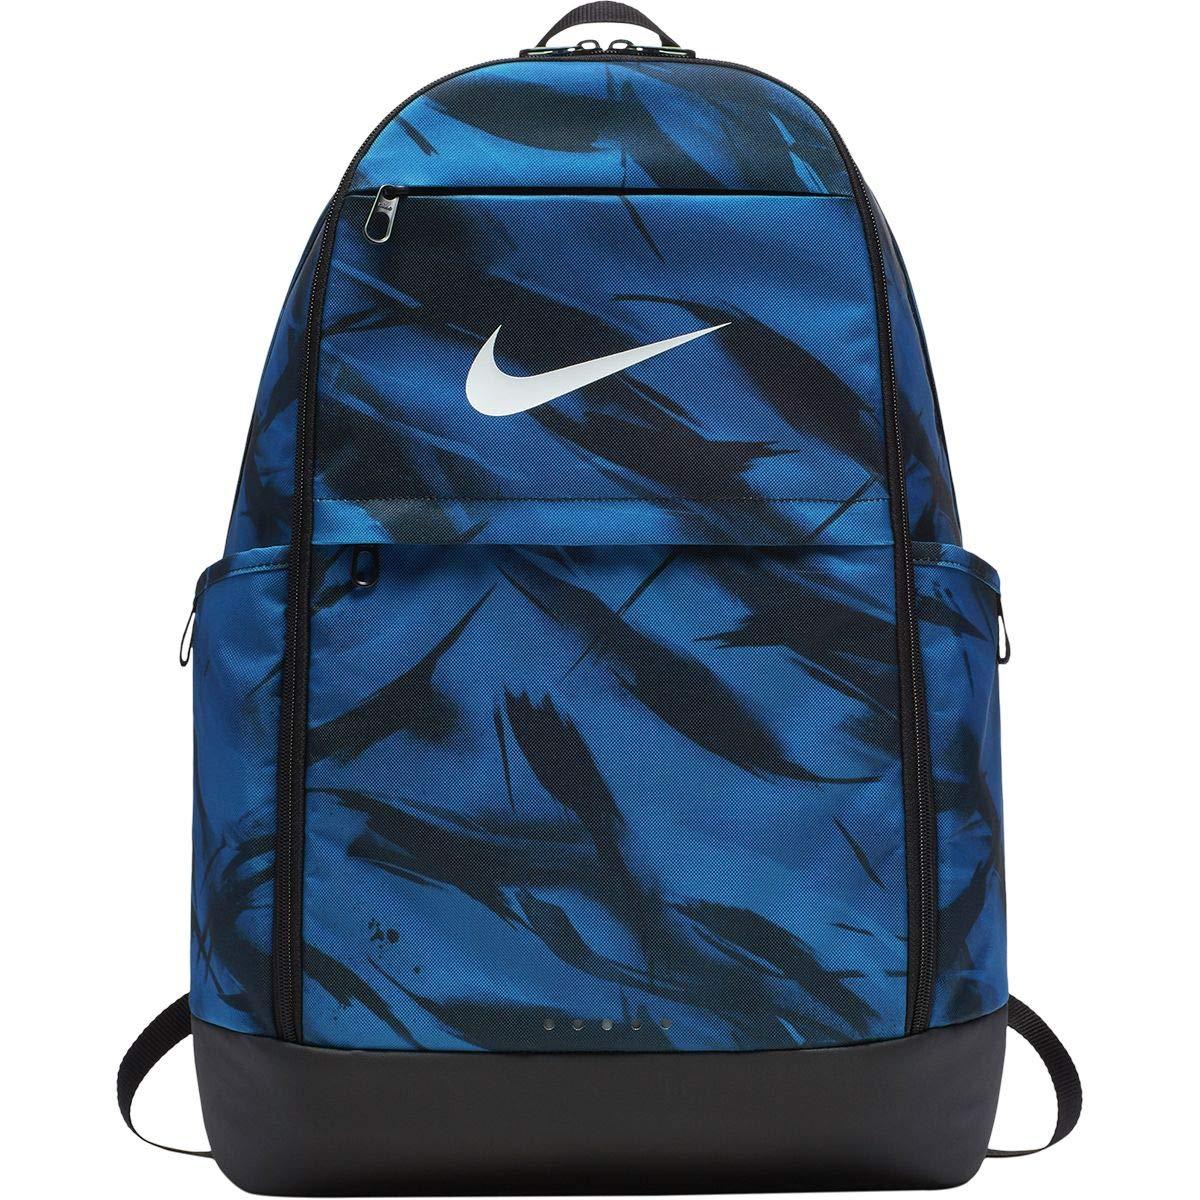 [ナイキ] メンズ バックパックリュックサック Brasilia XL Backpack [並行輸入品] No-Size  B07P1QTDN4